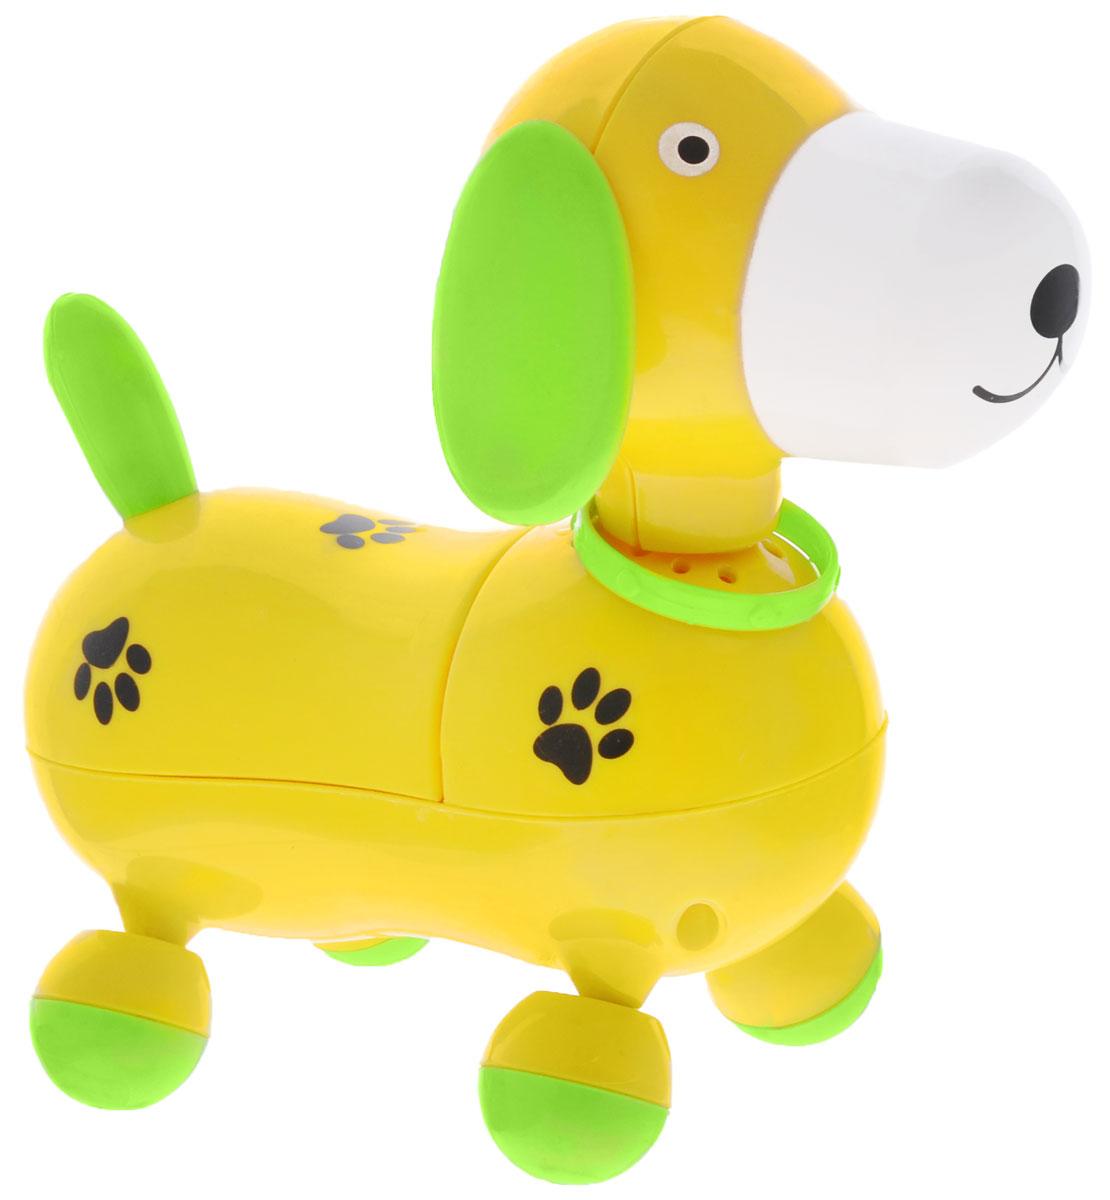 Mommy Love Электронная развивающая игрушка Веселый щенок цвет желтый219_желтыйЭлектронная развивающая игрушка Mommy Love Веселый щенок приведет в восторг вашего малыша. Игрушка выполнена из высококачественного и безопасного пластика в виде очаровательного щенка. При включении игрушка начинает двигаться вперед и при этом звучит веселая мелодия. Ножки щенка прокручиваются со звуком трещотки. За такой игрушкой ребенок с удовольствием будет двигаться, становясь более ловким, сильным и быстрым. А веселая мелодия будет служить отличным аккомпанементом в его подвижных играх. Порадуйте ребенка таким замечательным подарком! Рекомендуется докупить 2 батарейки напряжением 1,5V типа АА (товар комплектуется демонстрационными).